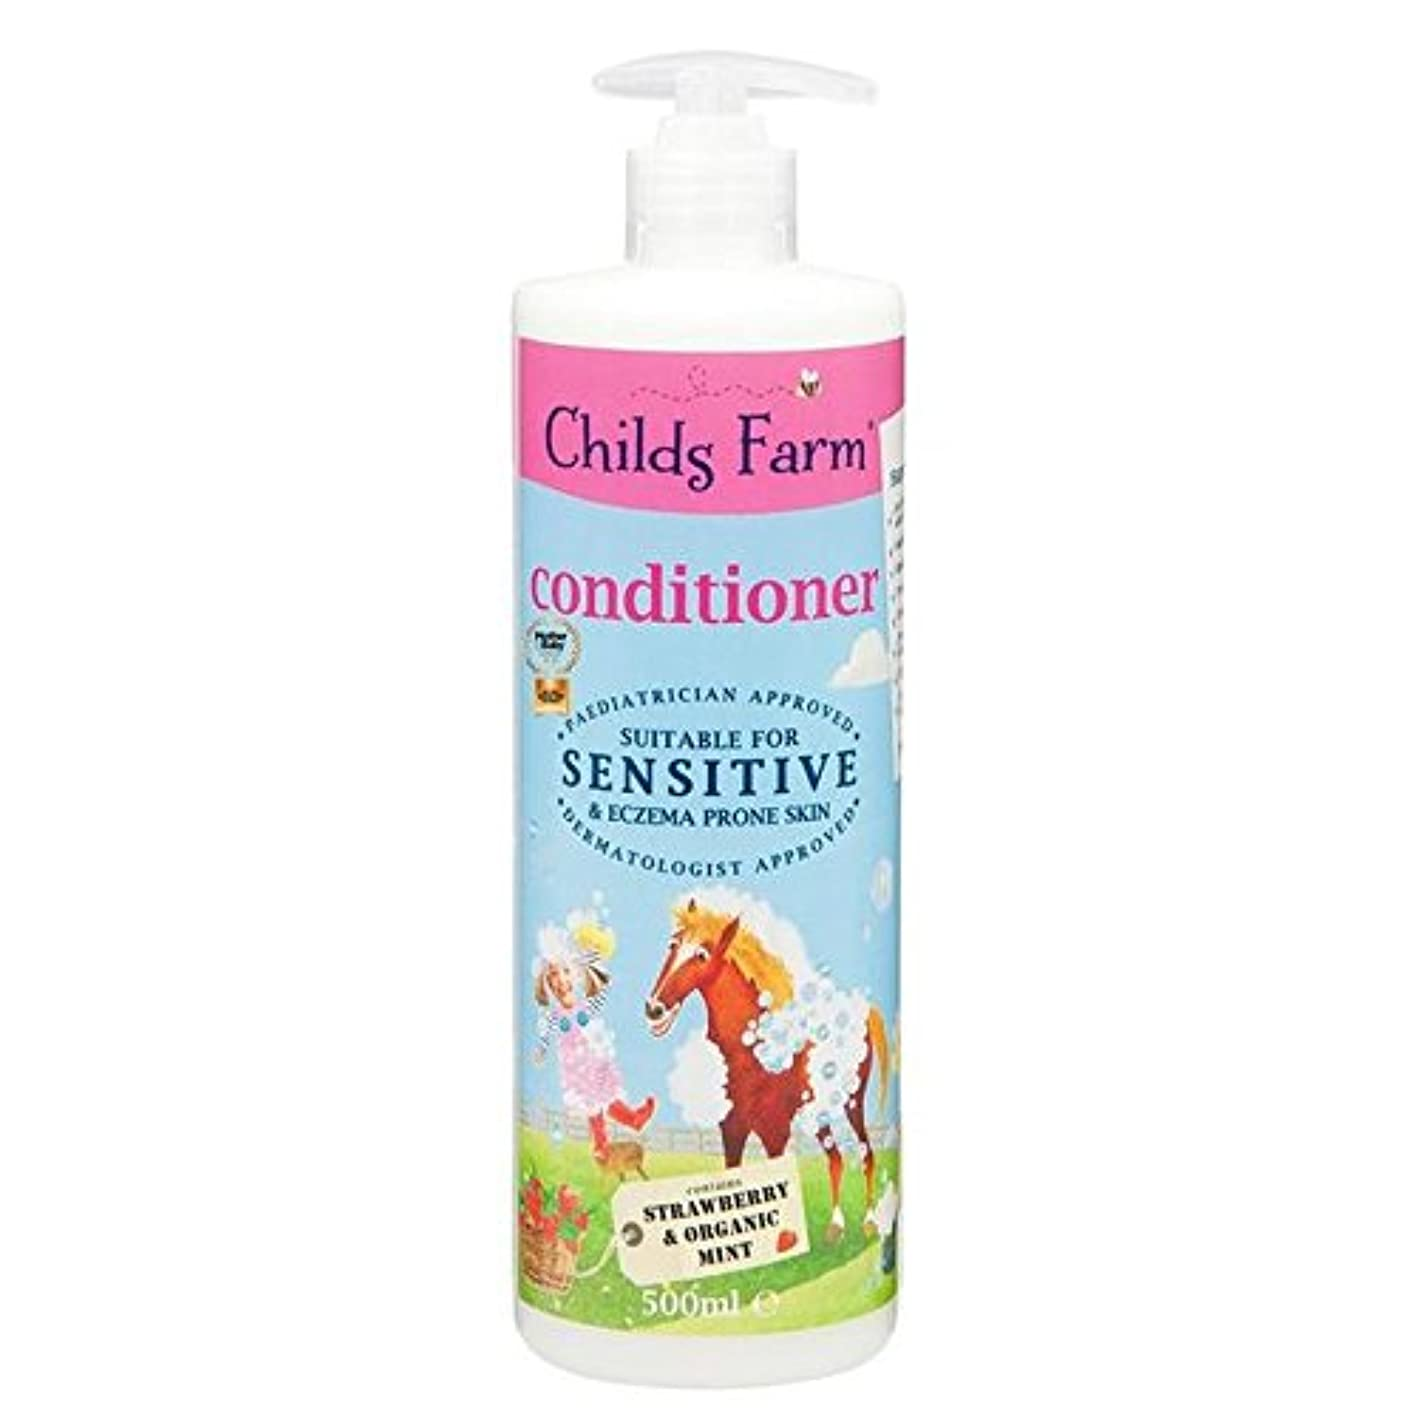 背骨シンク変わるChilds Farm Conditioner for Unruly Hair 500ml - 手に負えない髪の500ミリリットルのためのチャイルズファームコンディショナー [並行輸入品]